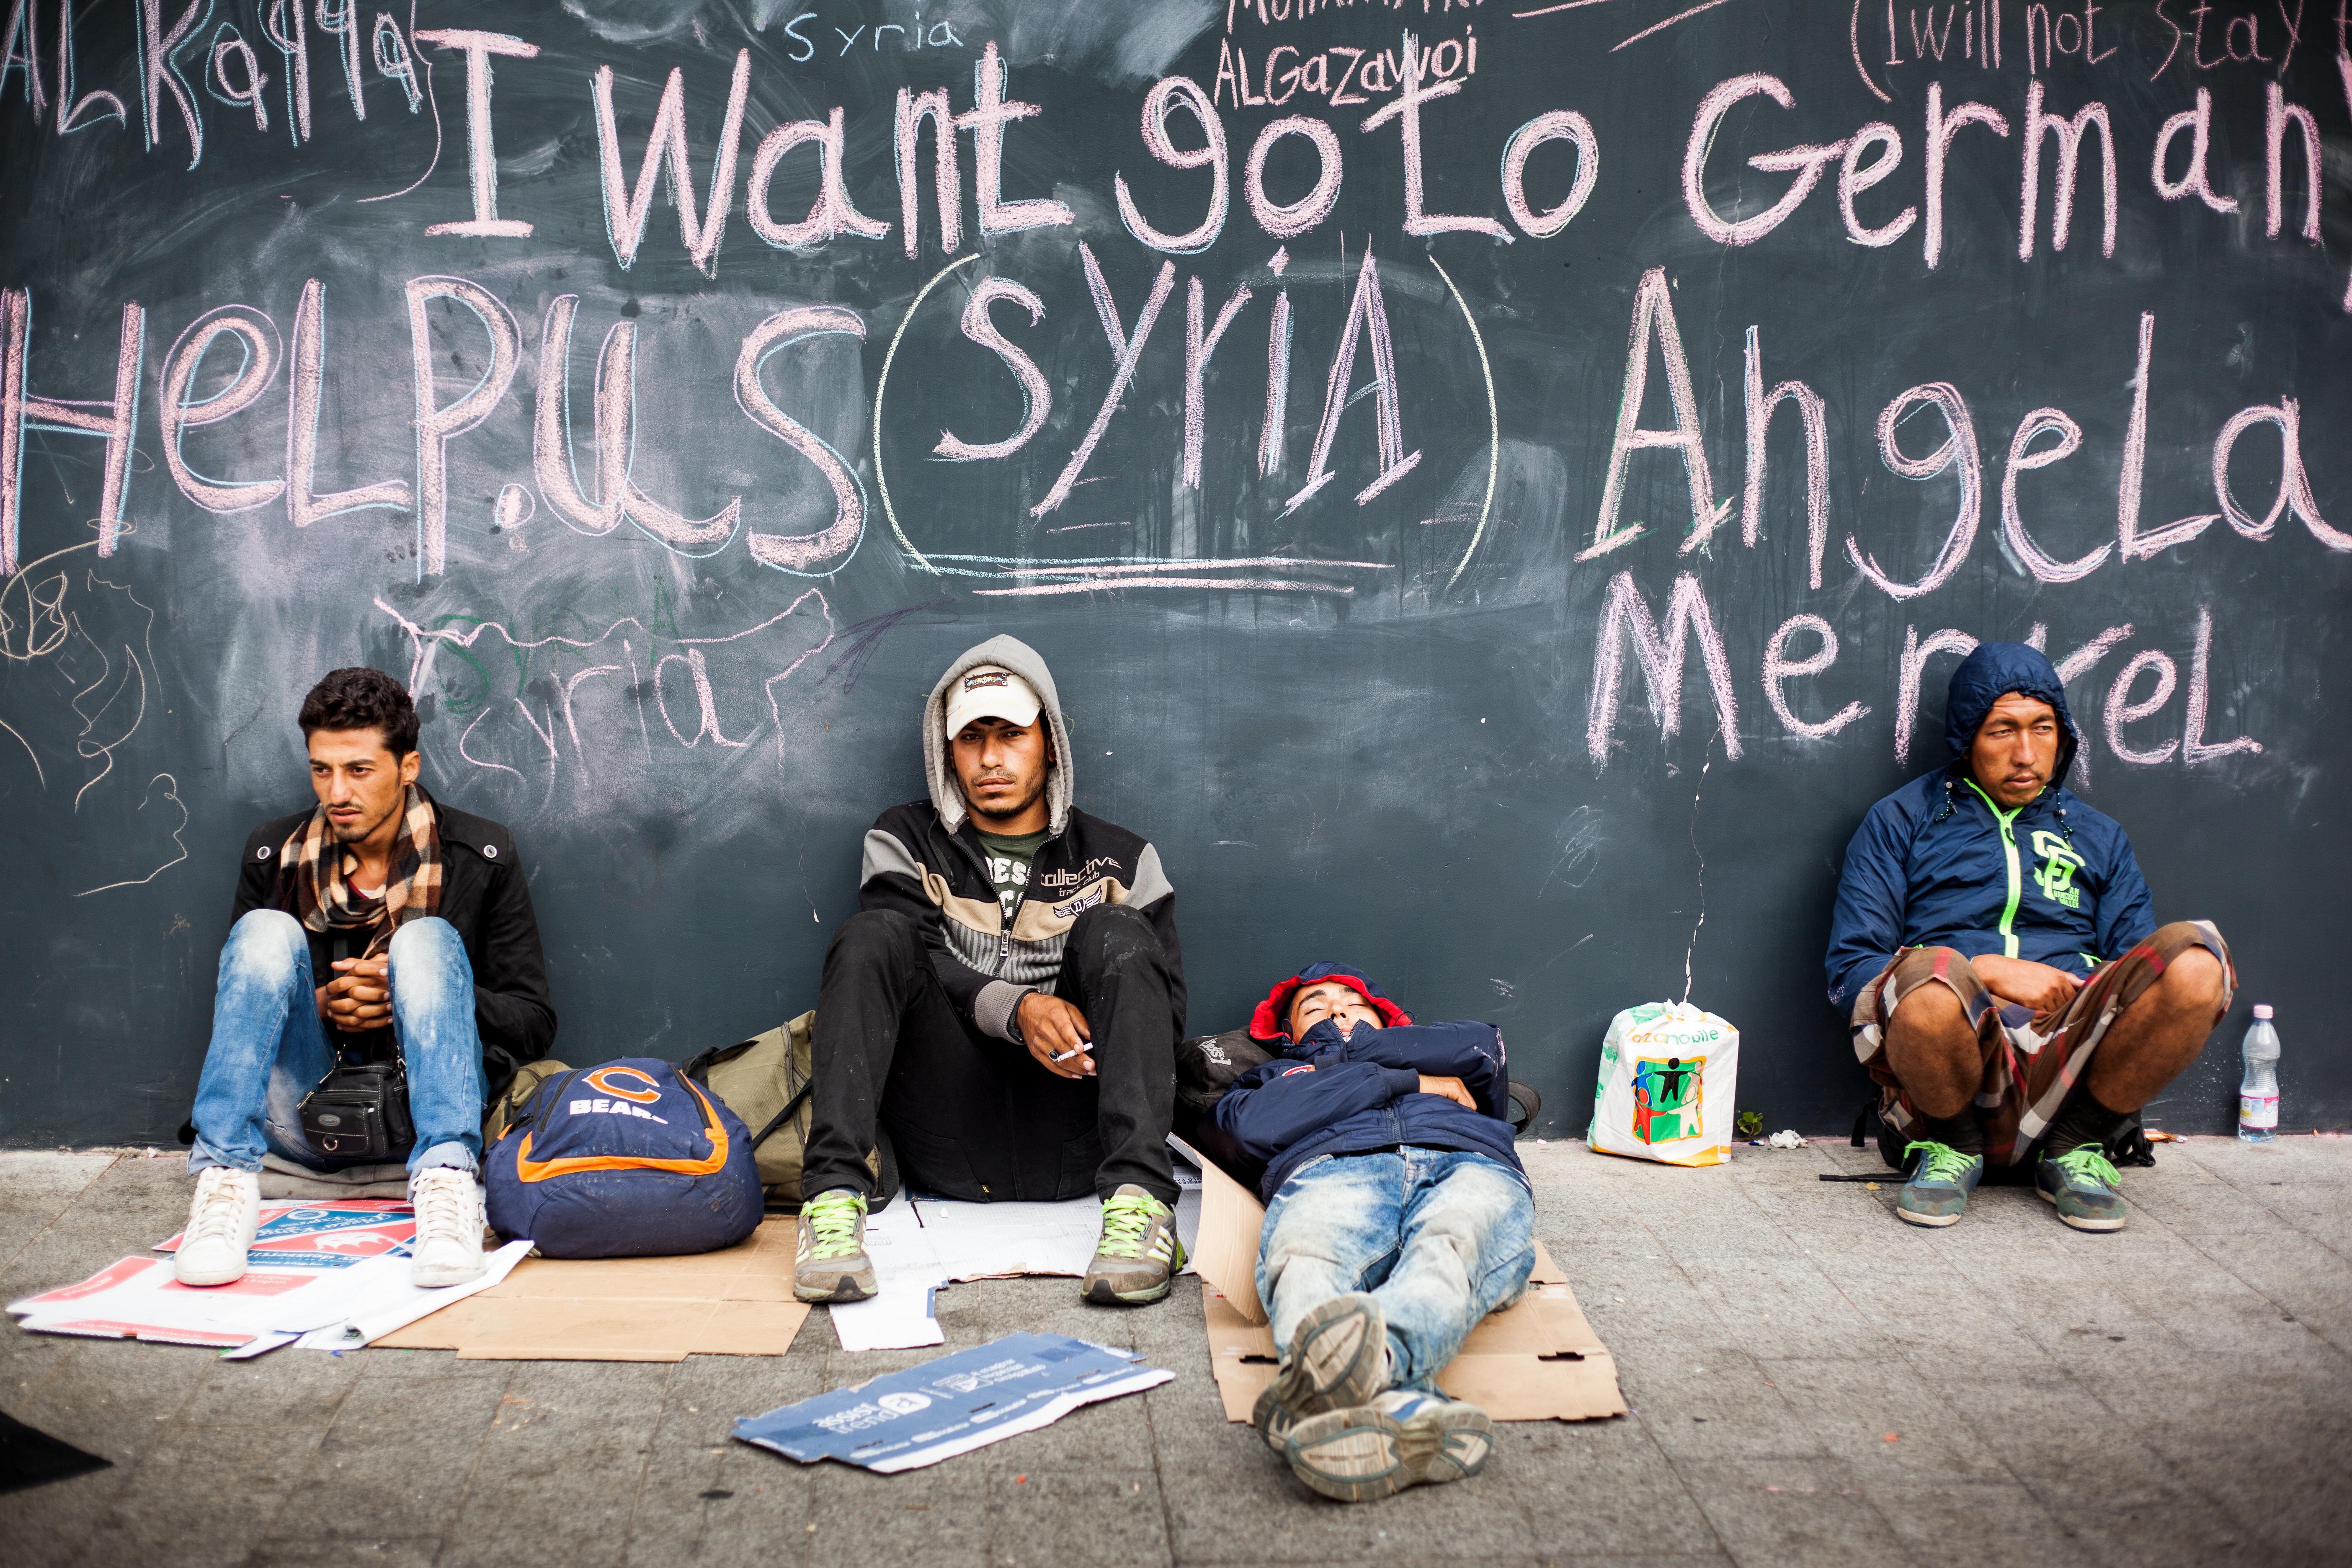 Μέρκελ: Η αντιμετώπιση του μεταναστευτικού ενδέχεται να καθορίσει την επιβίωση της ΕΕ